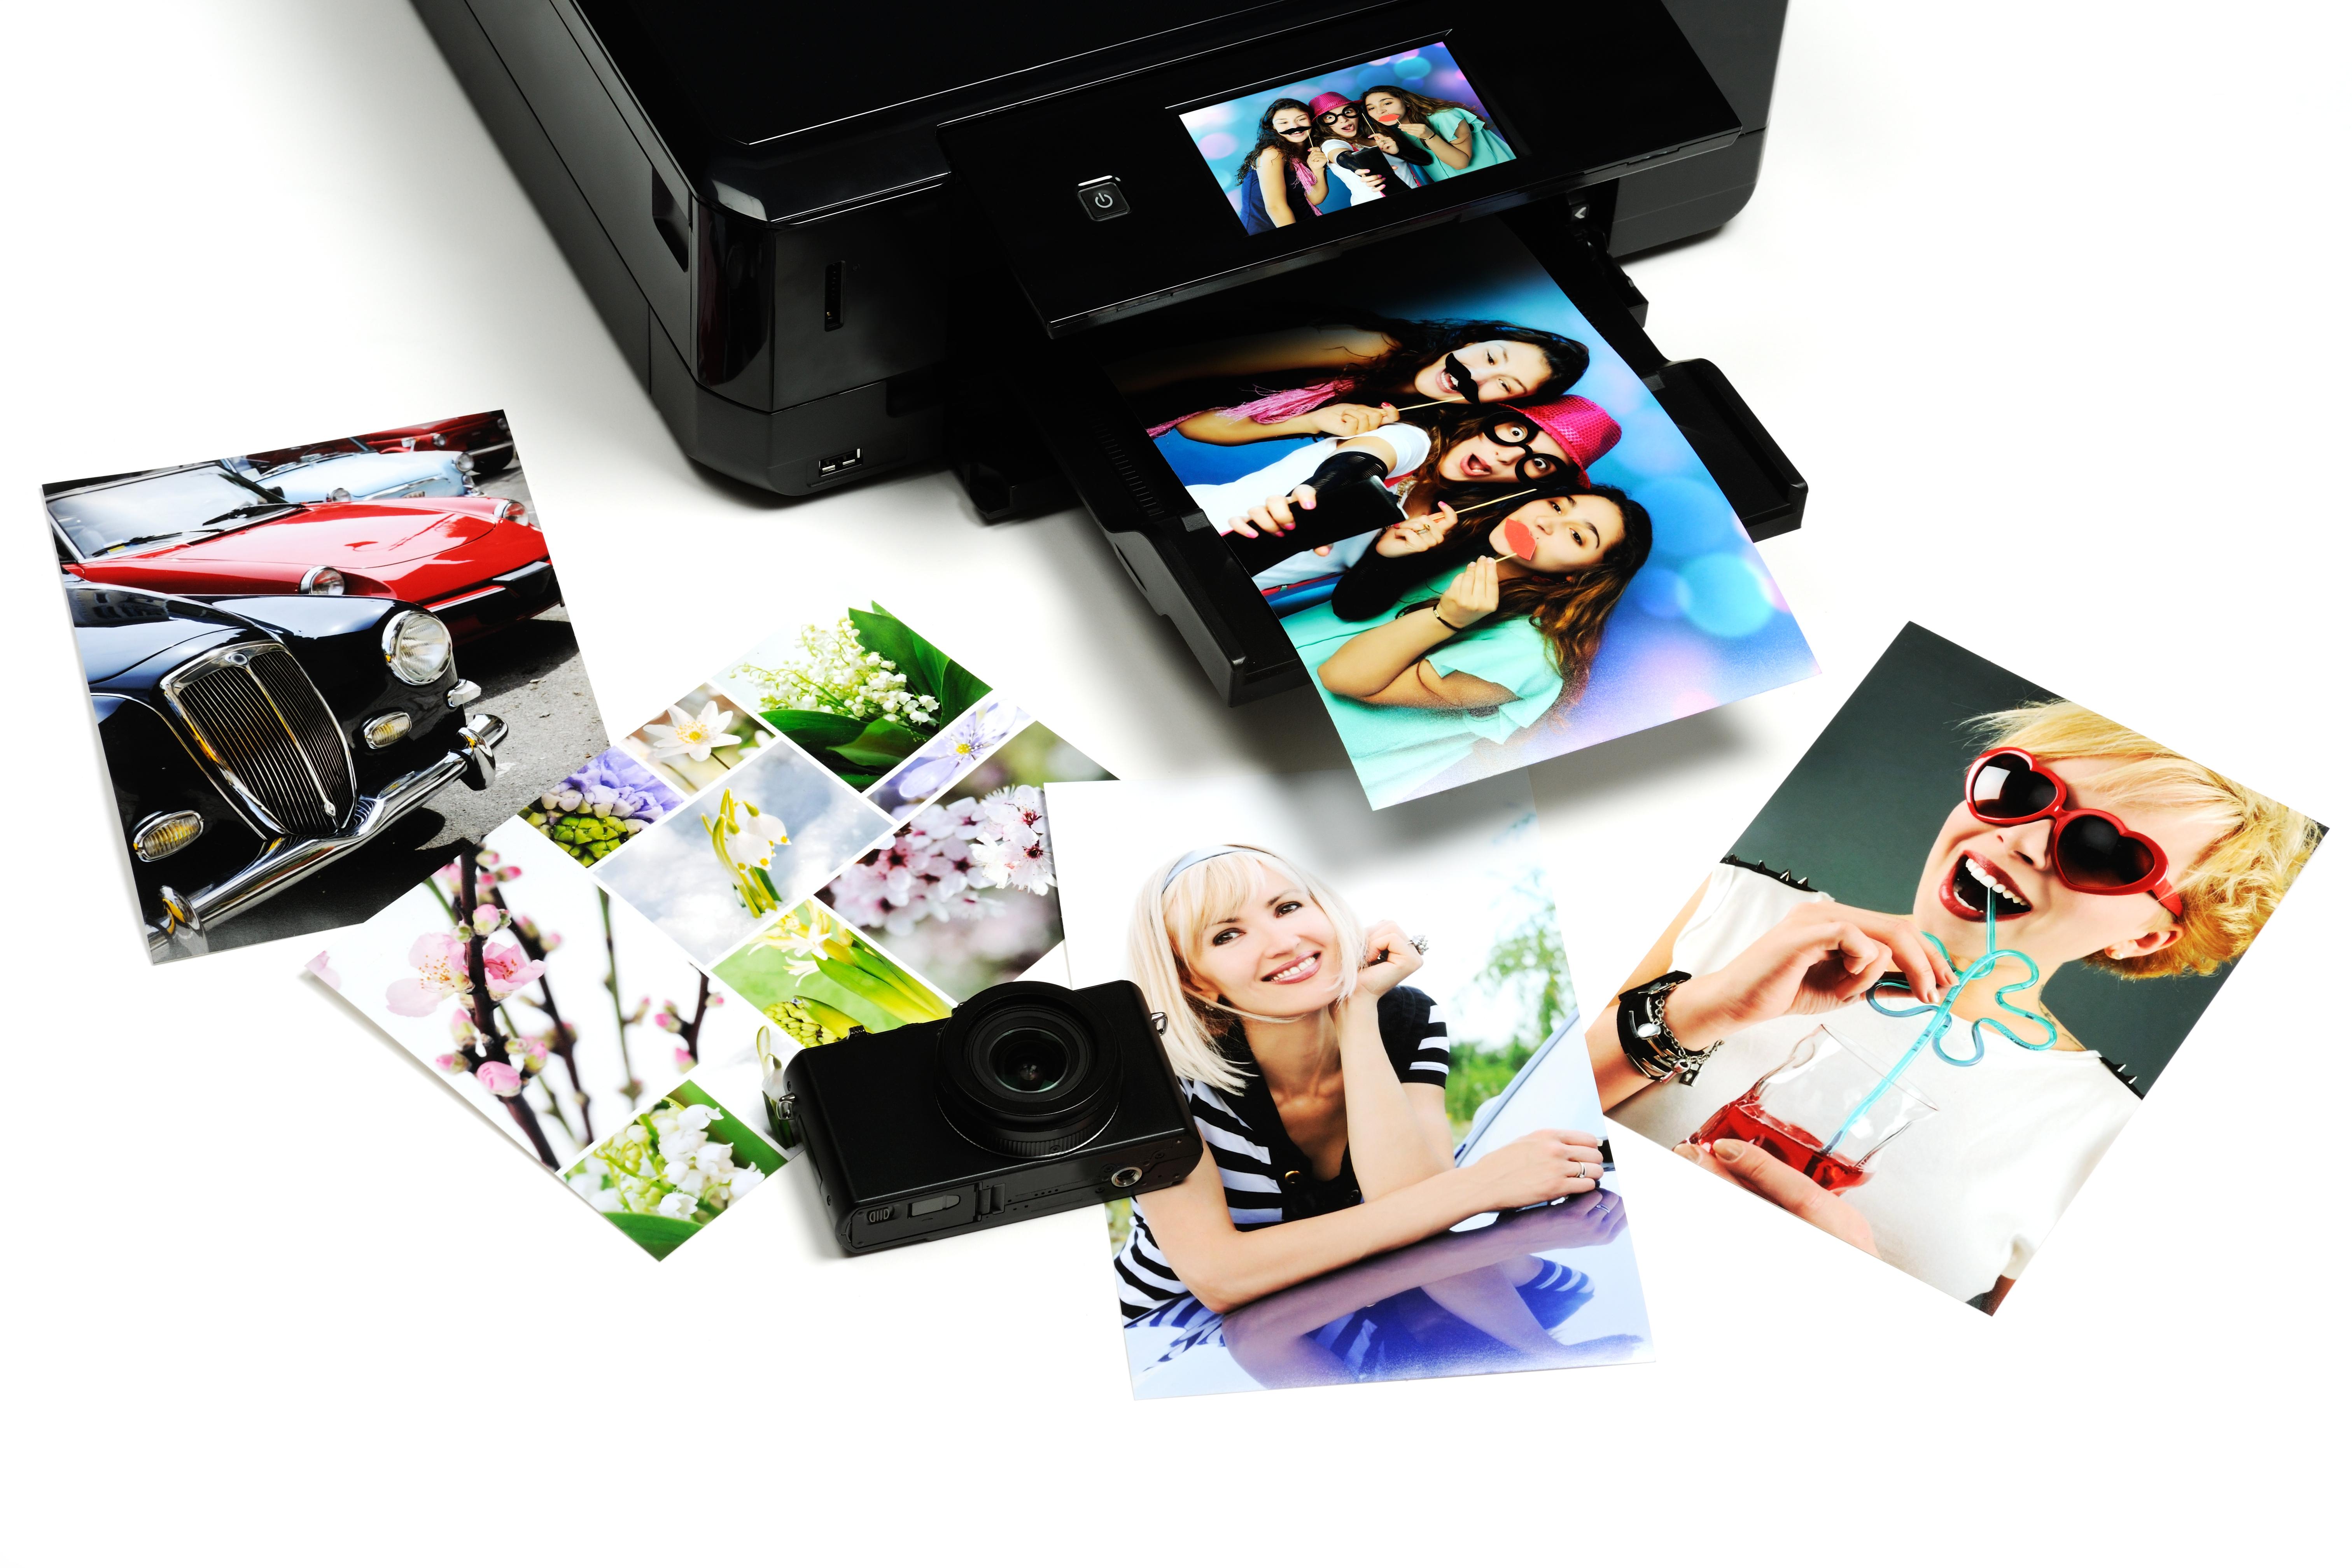 Mini Photo Printer Мини фото принтерът е чудесен подарък за мобилни фотографи. Приспособлението е в състояние да отпечатва снимки от 2 до 3 инча на хартия. Потребителите бързо и лесно могат да редактират снимките си преди да ги отпечатат чрез мобилно приложение.